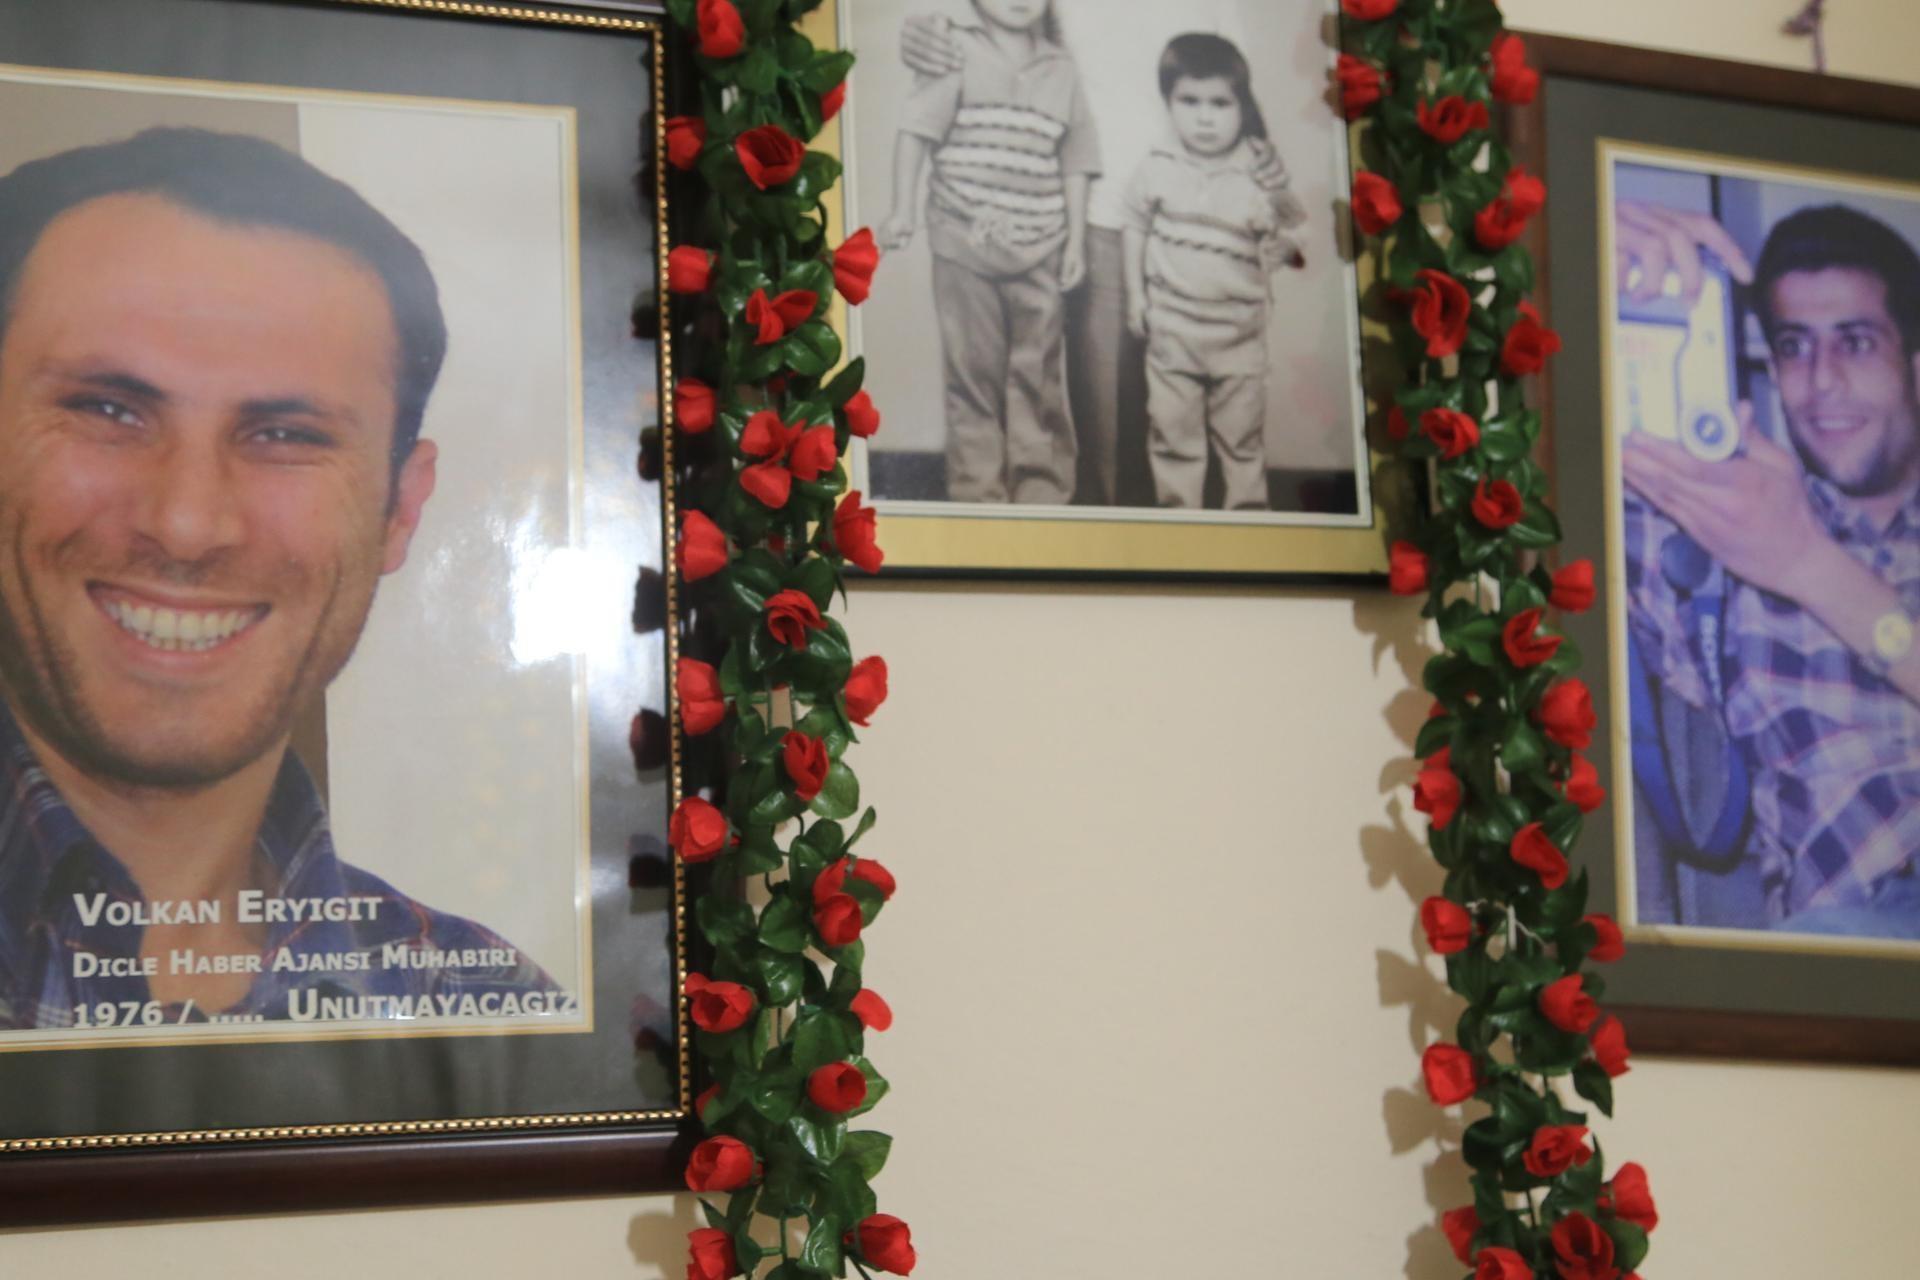 Hasan İşler ve Volkan Eryiğit'in duvara asılmış fotoğrafları